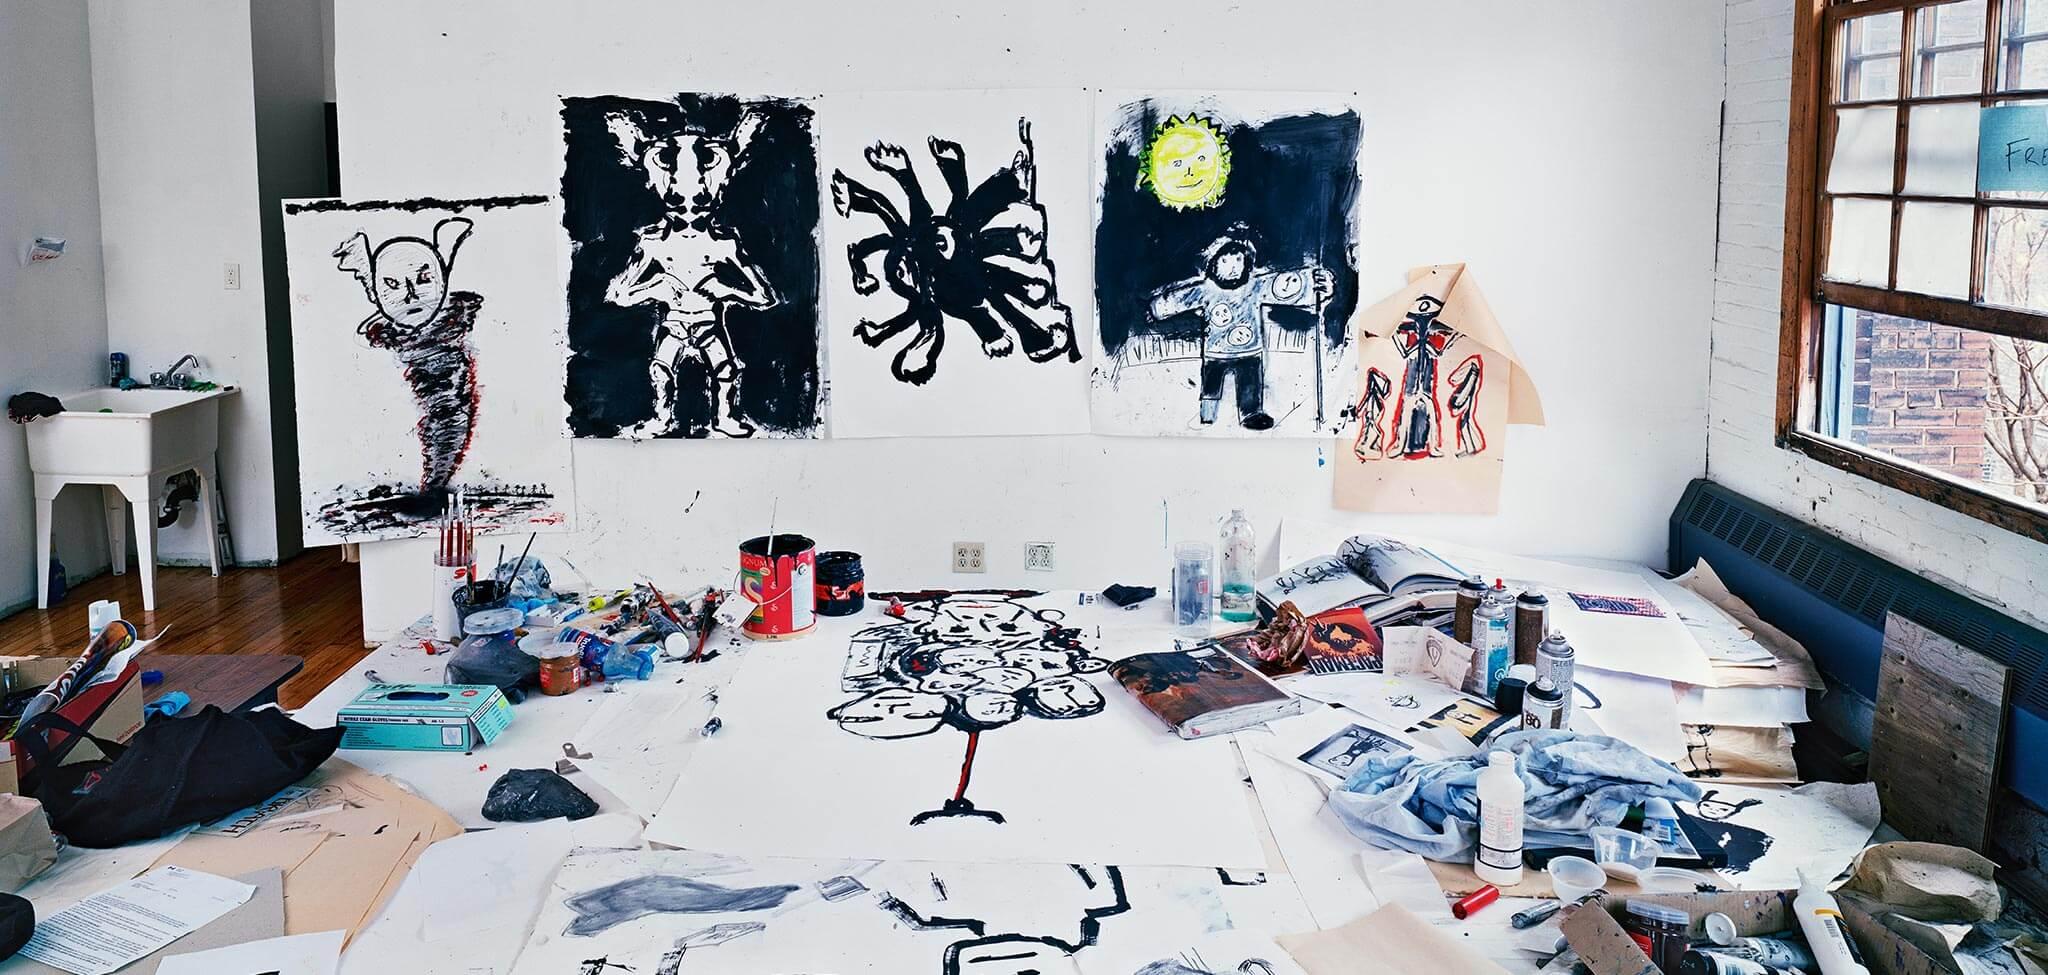 Art Gallery of Hamilton - Joseph Hartman: The Artist's Studio